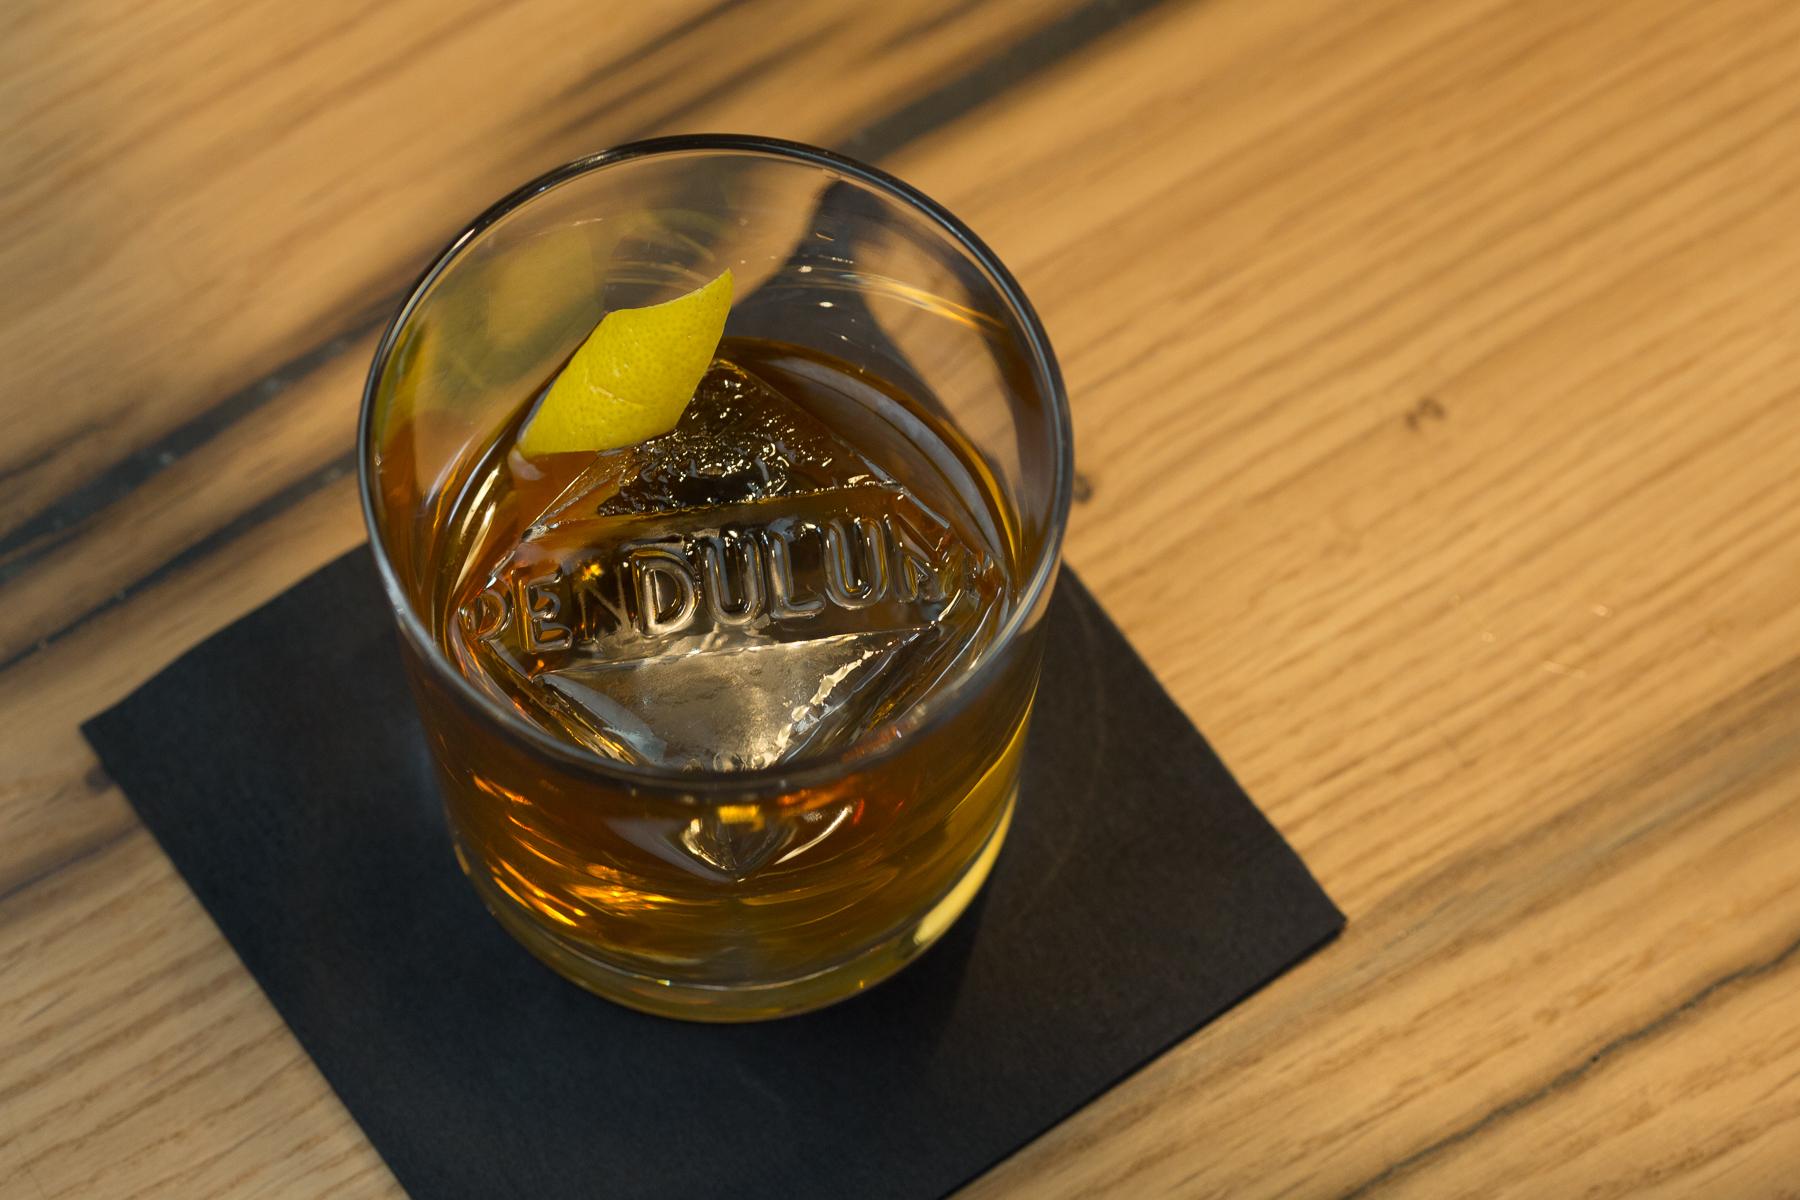 1702-Pendulum Cocktails-4.jpg